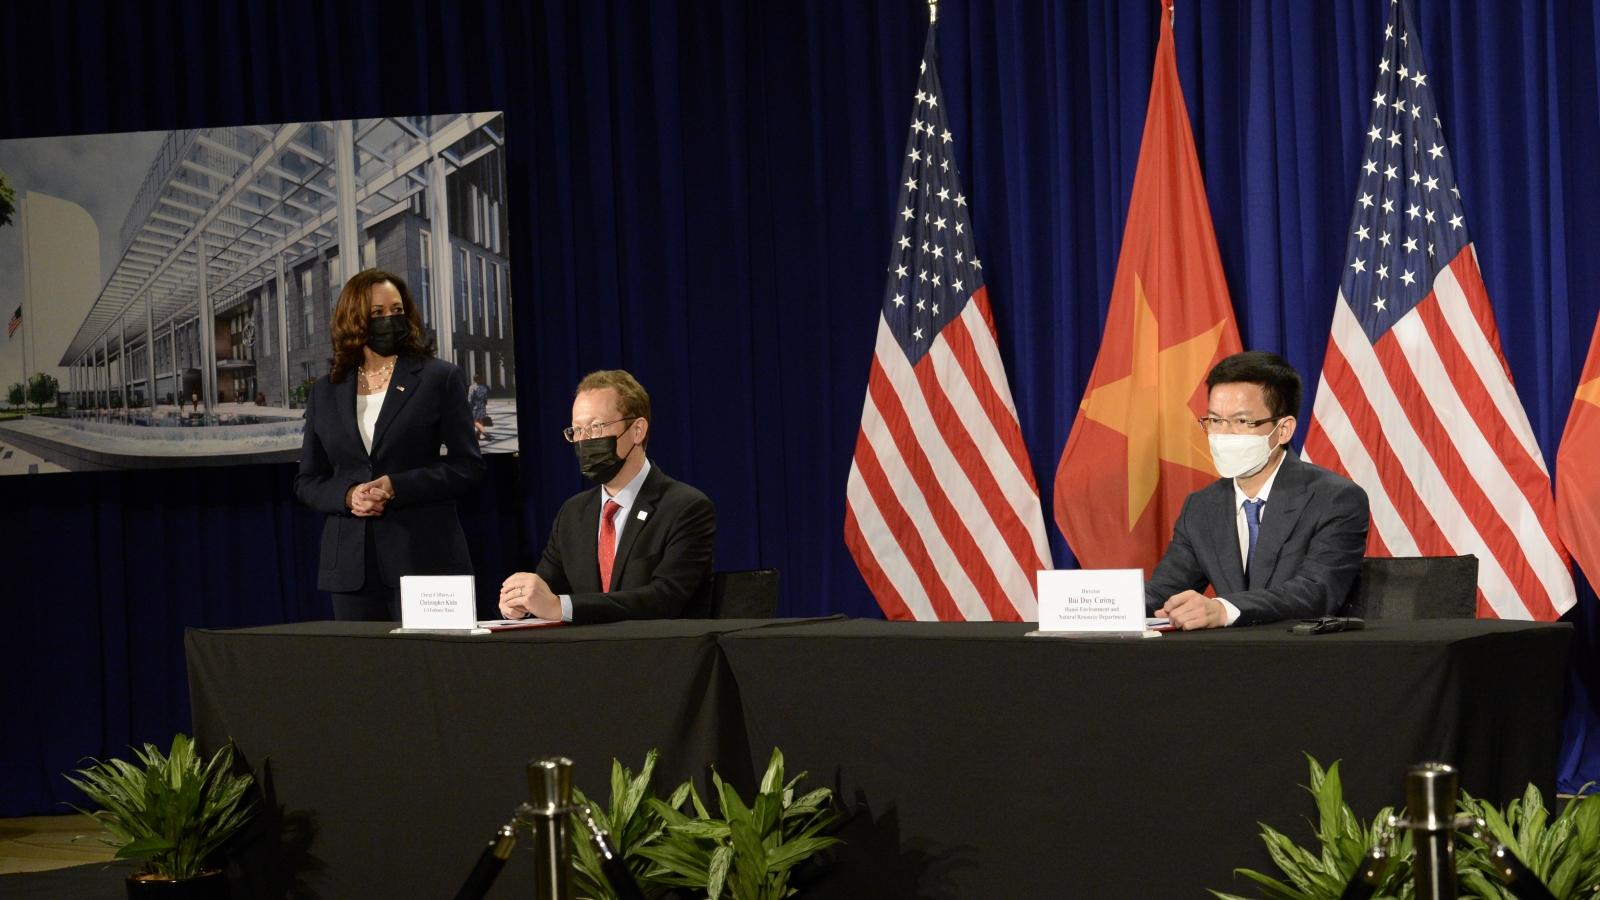 Mỹ xây Đại sứ quán 1,2 tỷ USD tại Hà Nội, lấy cảm hứng từ Vịnh Hạ Long